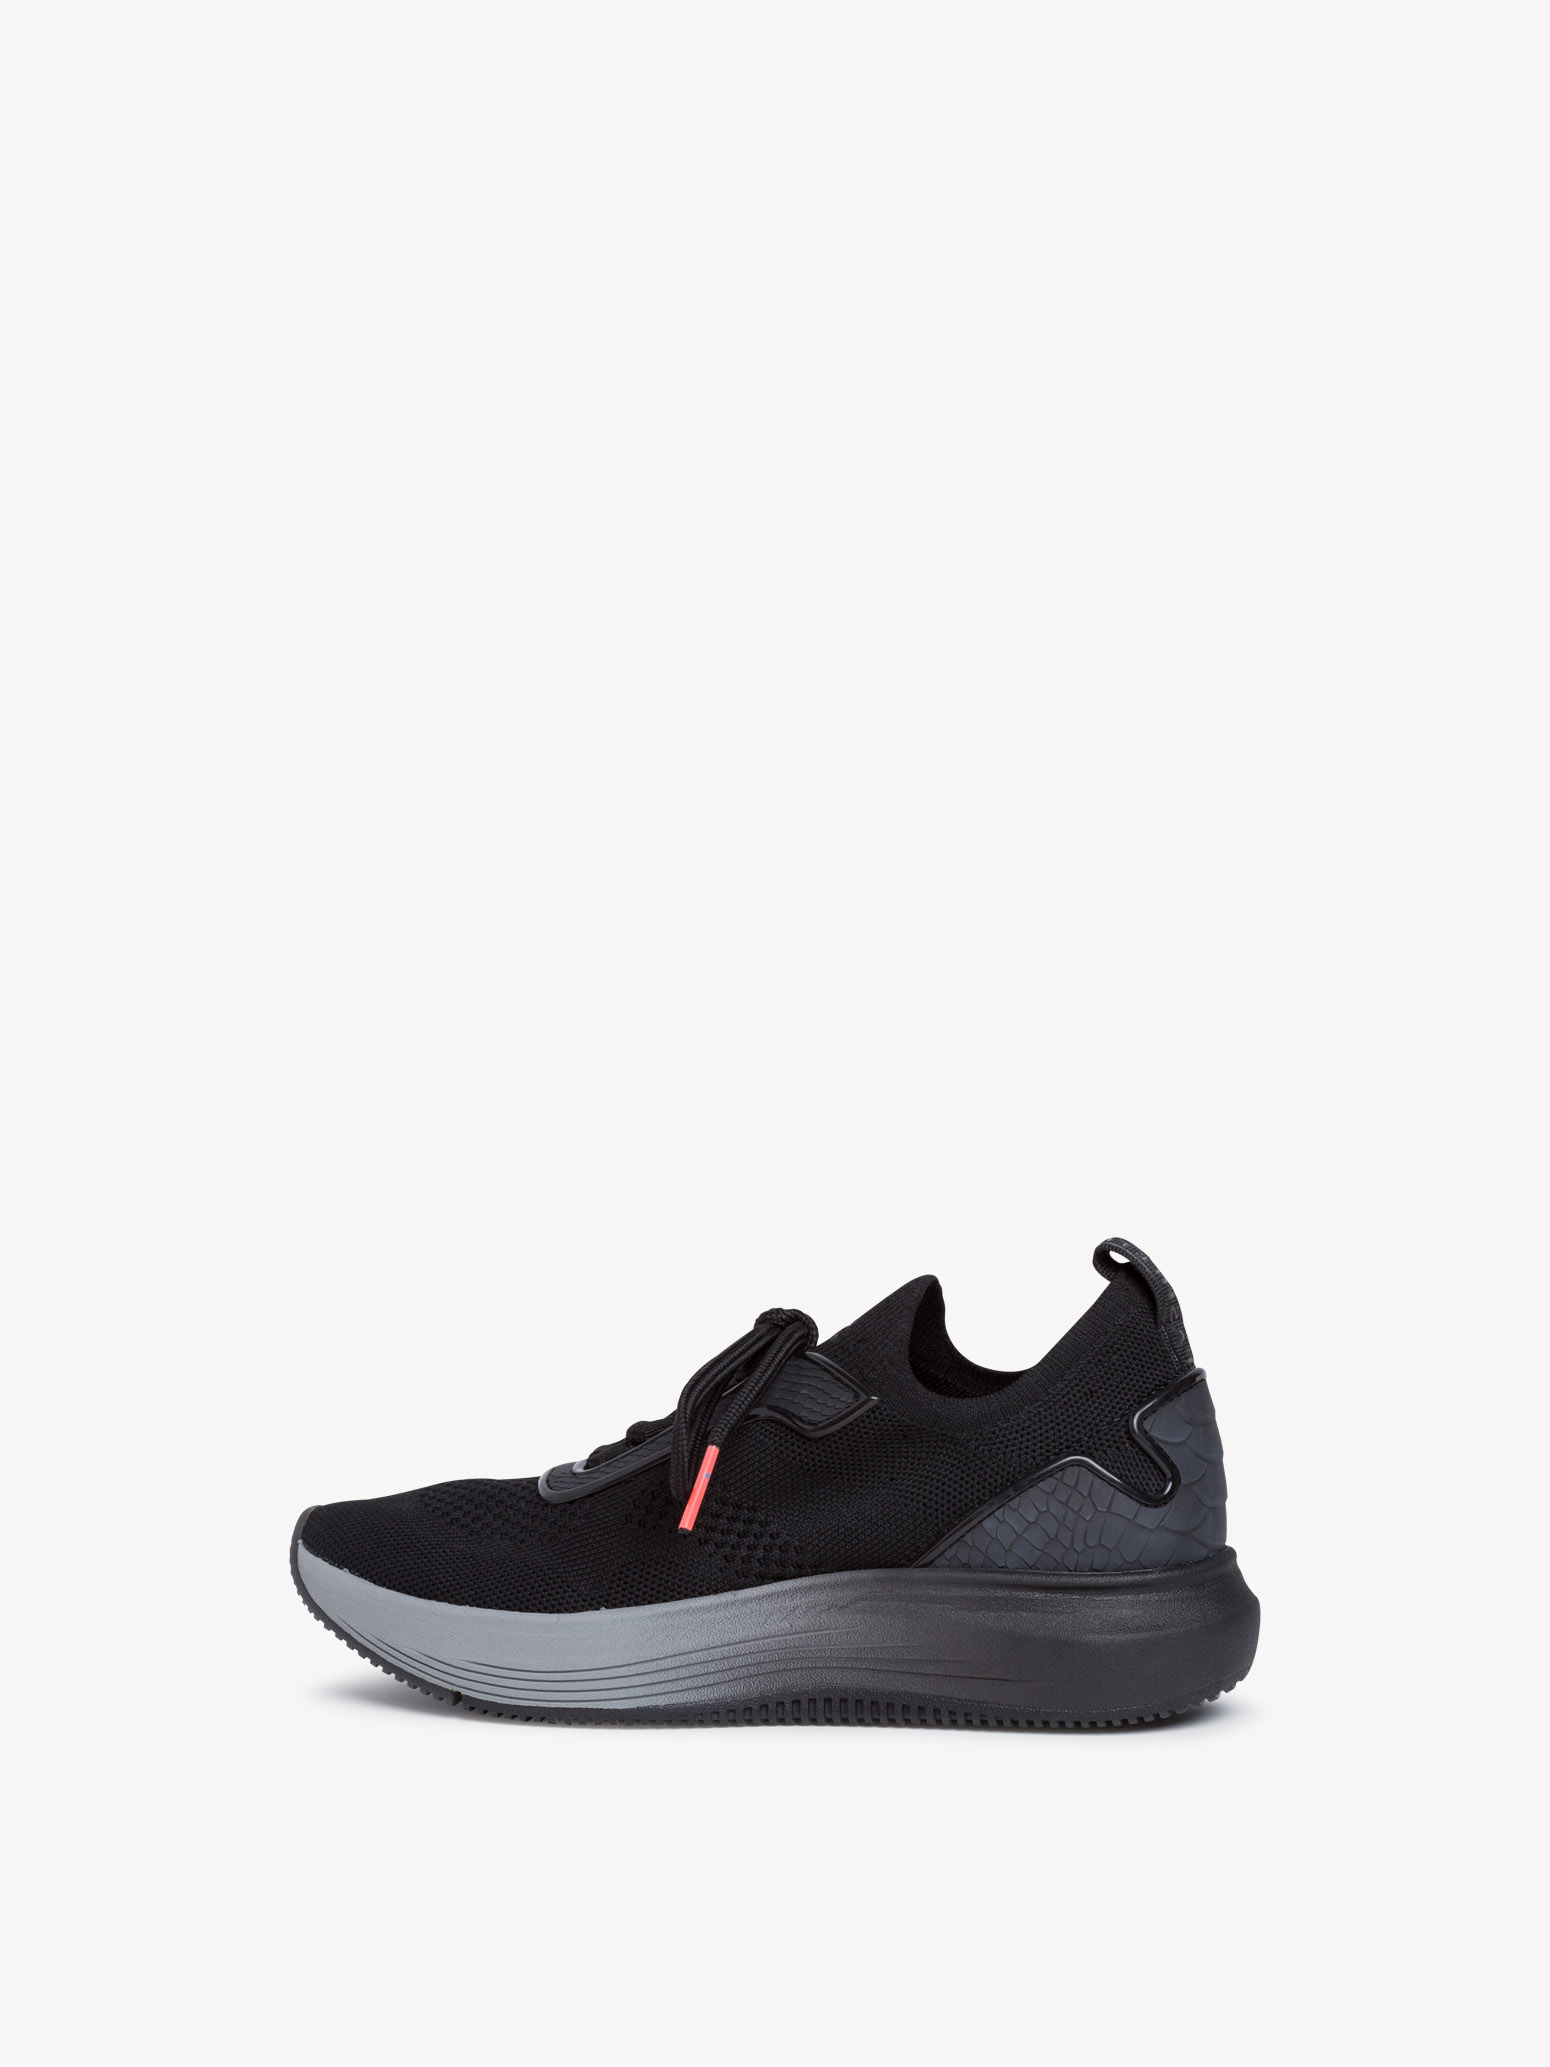 Tamaris Fashletics Sneakers 1 23732 24 zwart